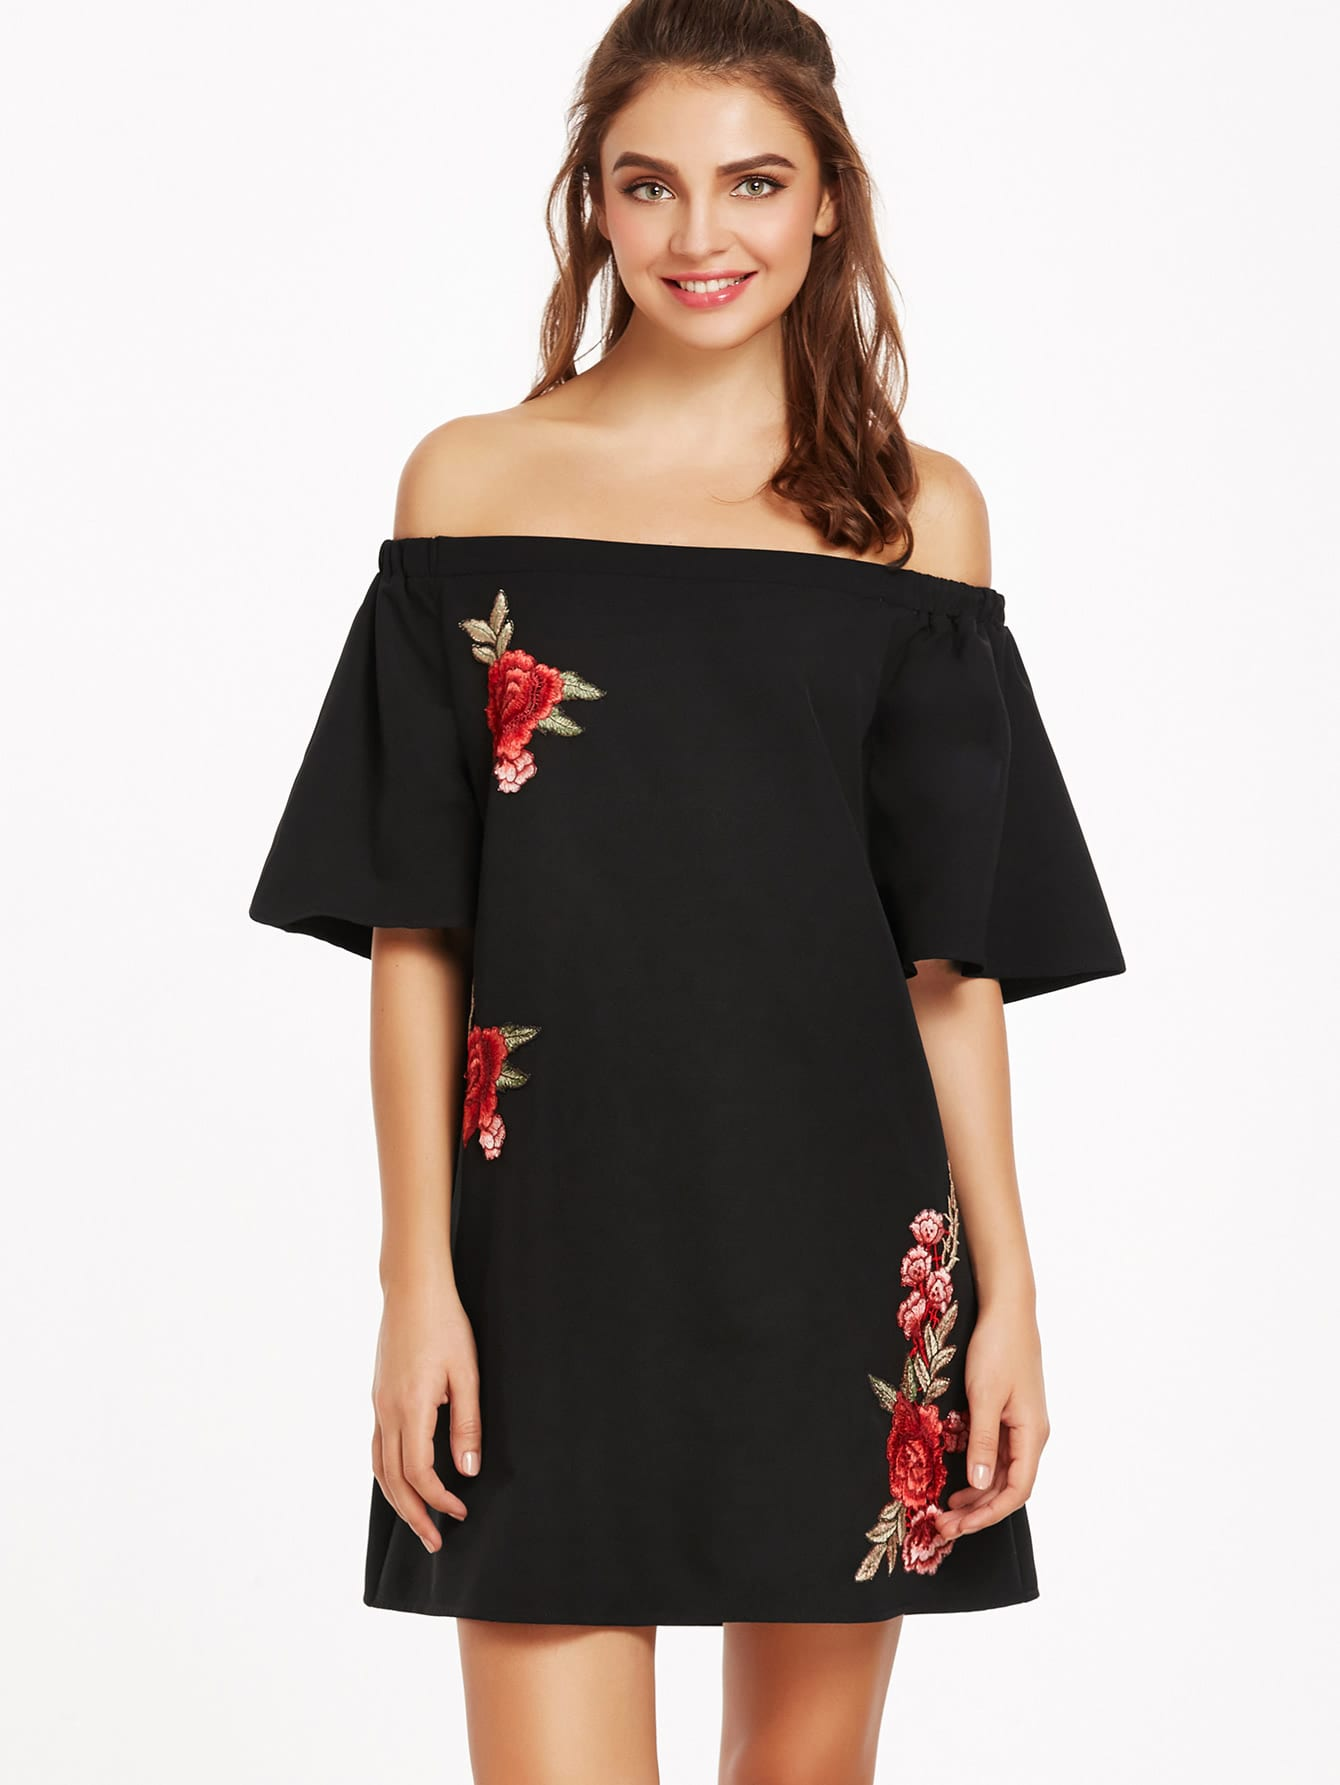 dress161116704_2